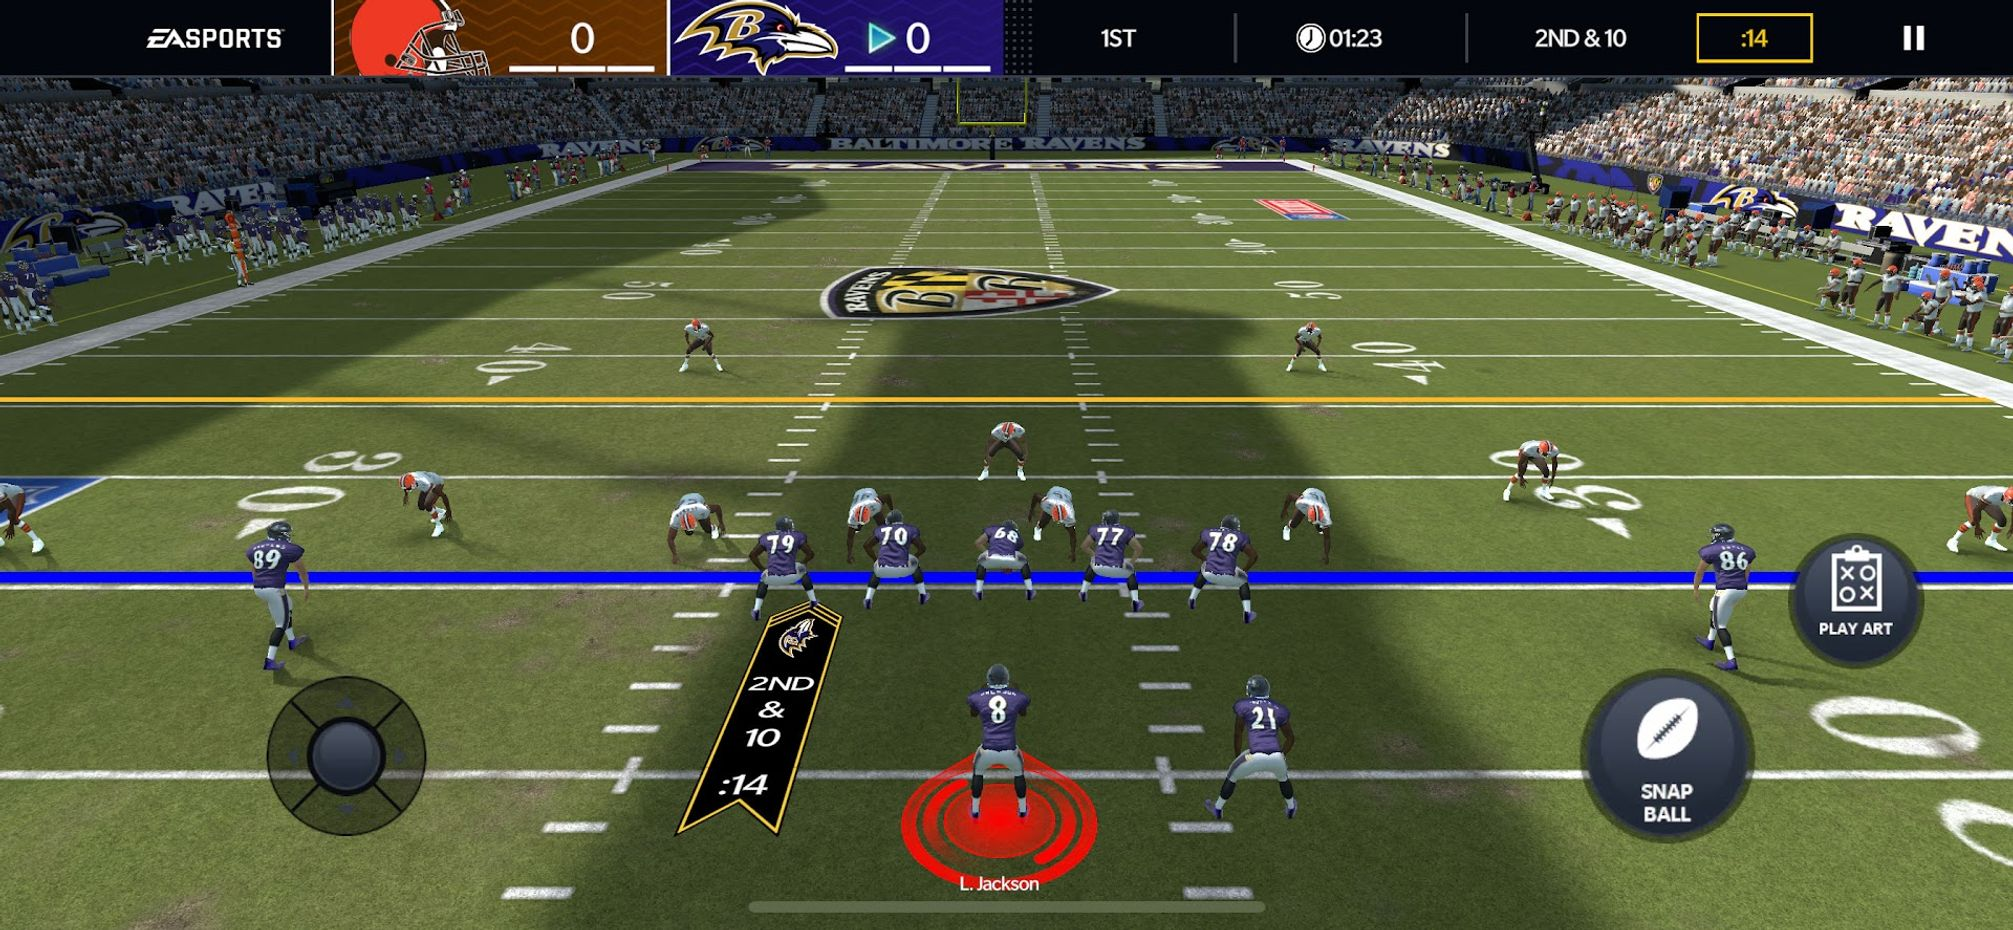 Screenshots - Madden NFL 21 Mobile Football